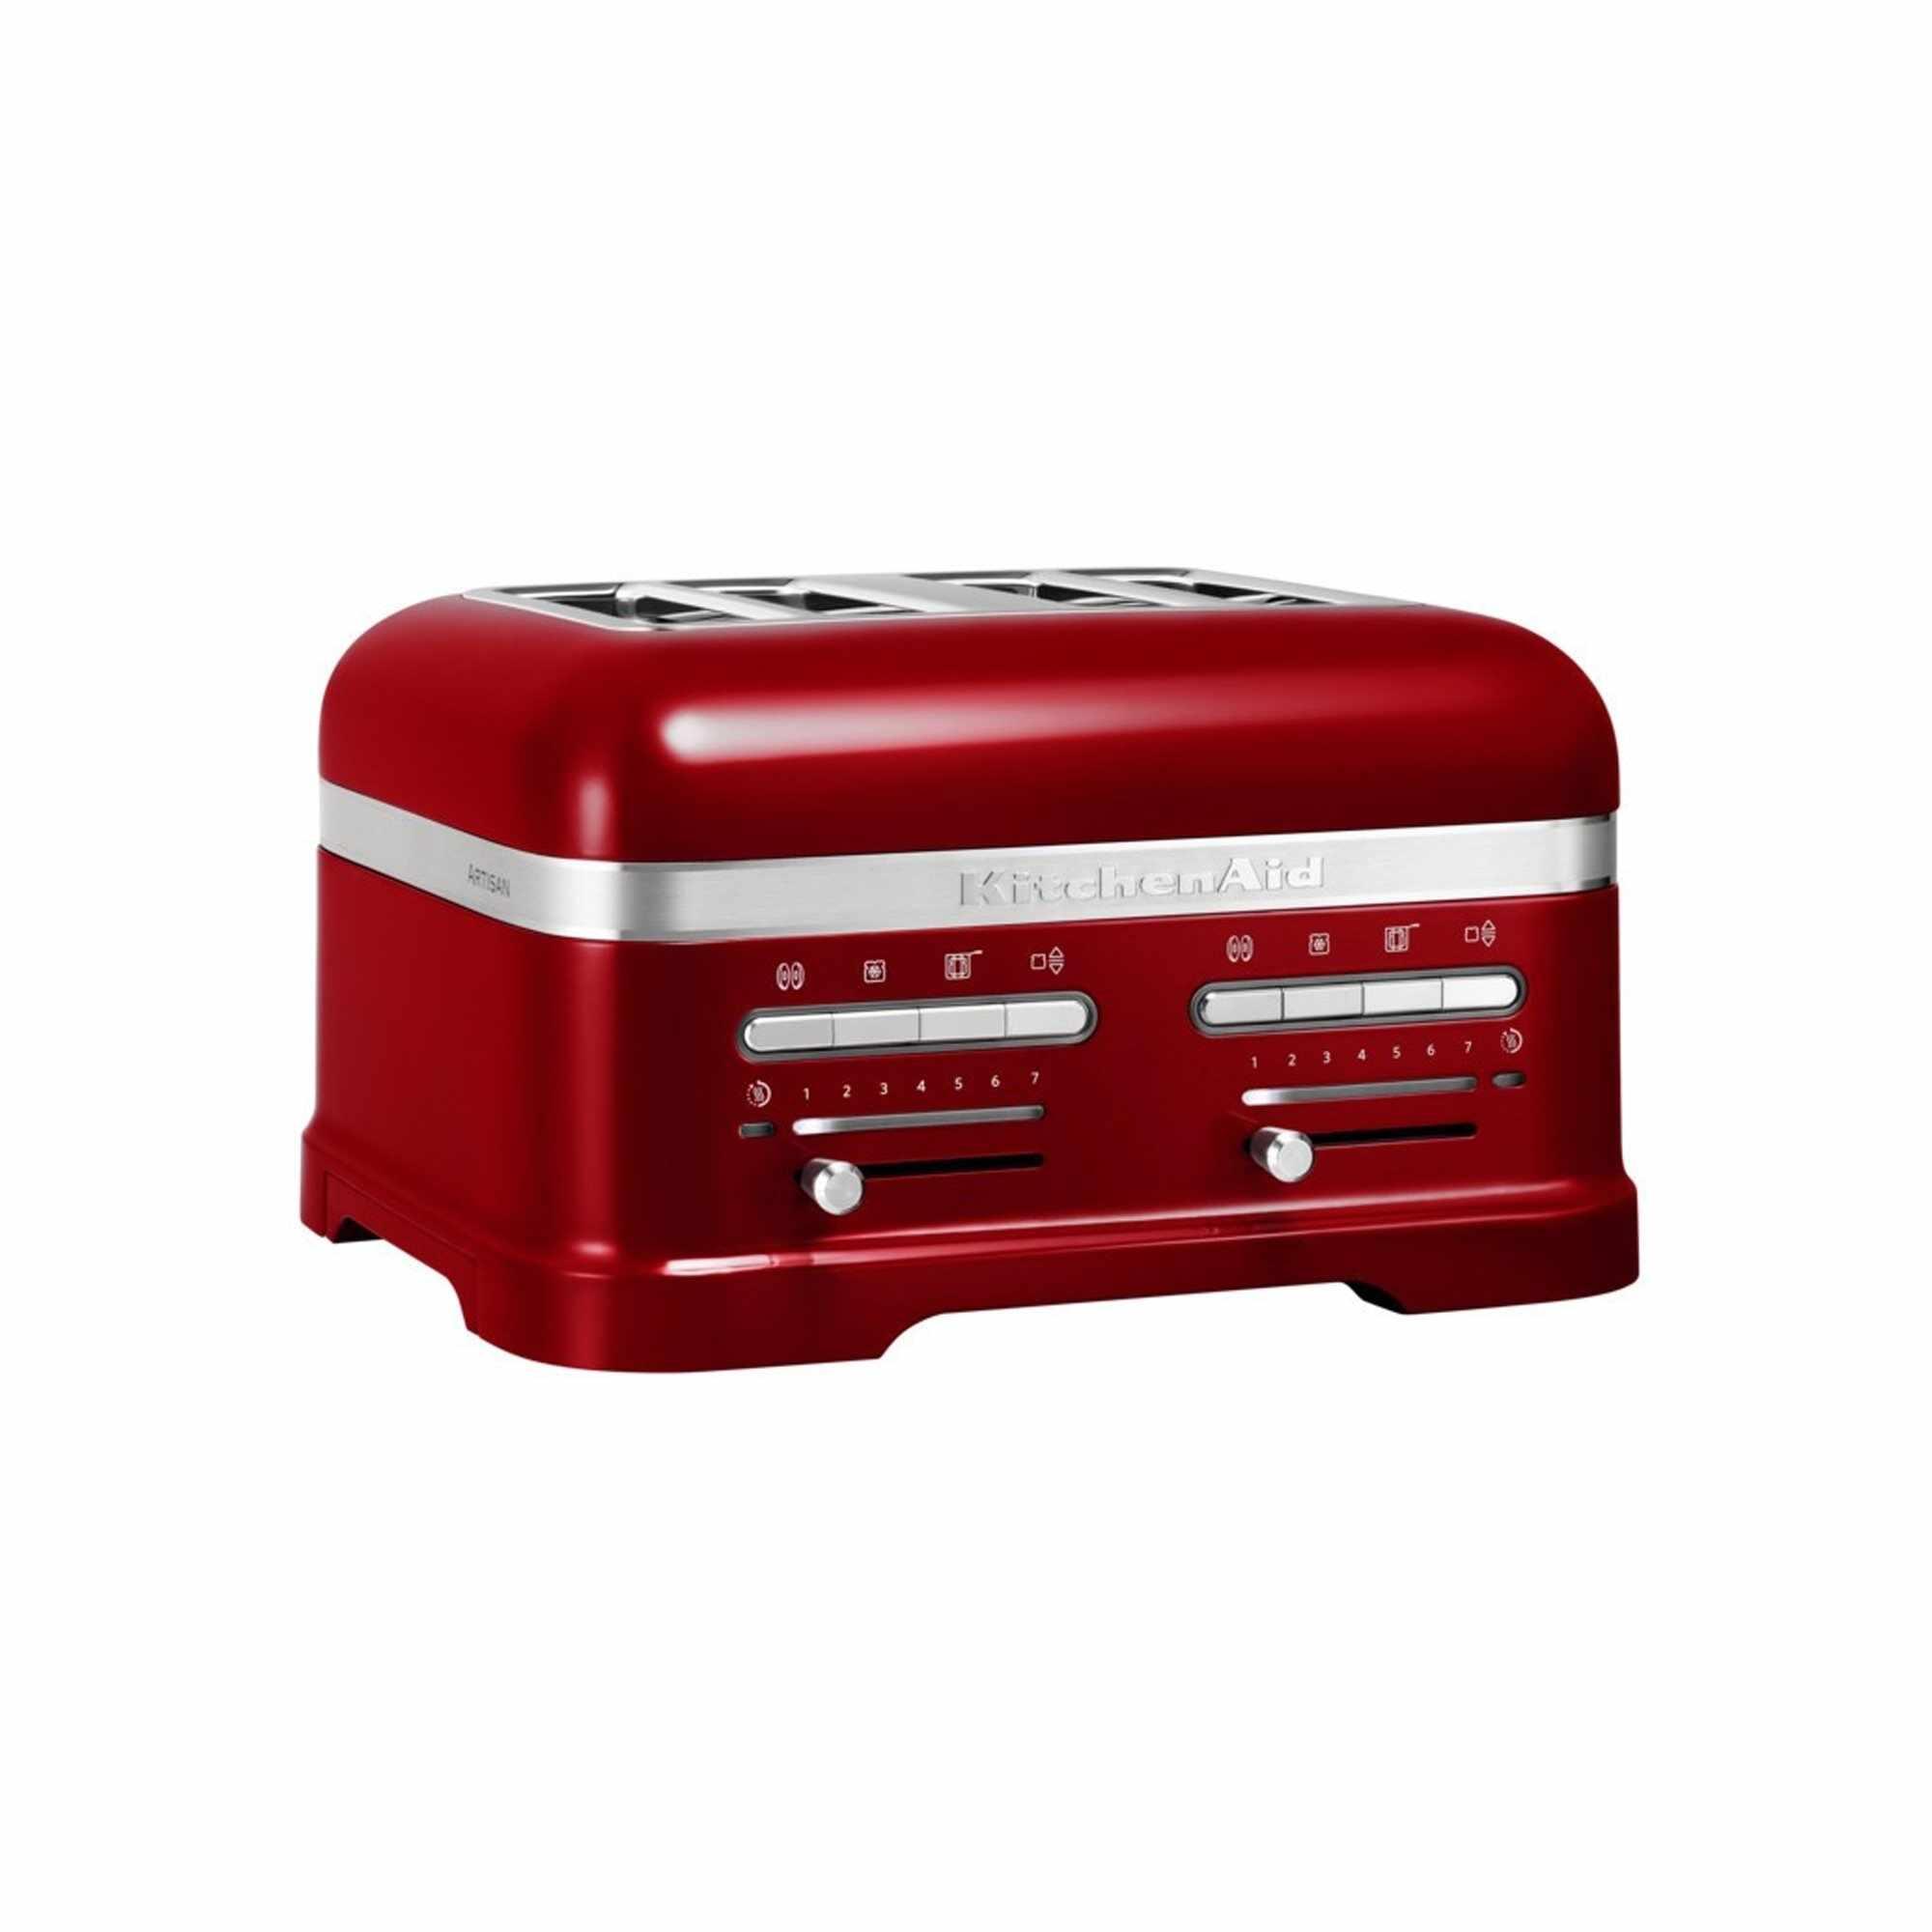 Toaster 4 sloturi Artisan 5KMT4205E, 2500W, KitchenAid la pret 1699 lei